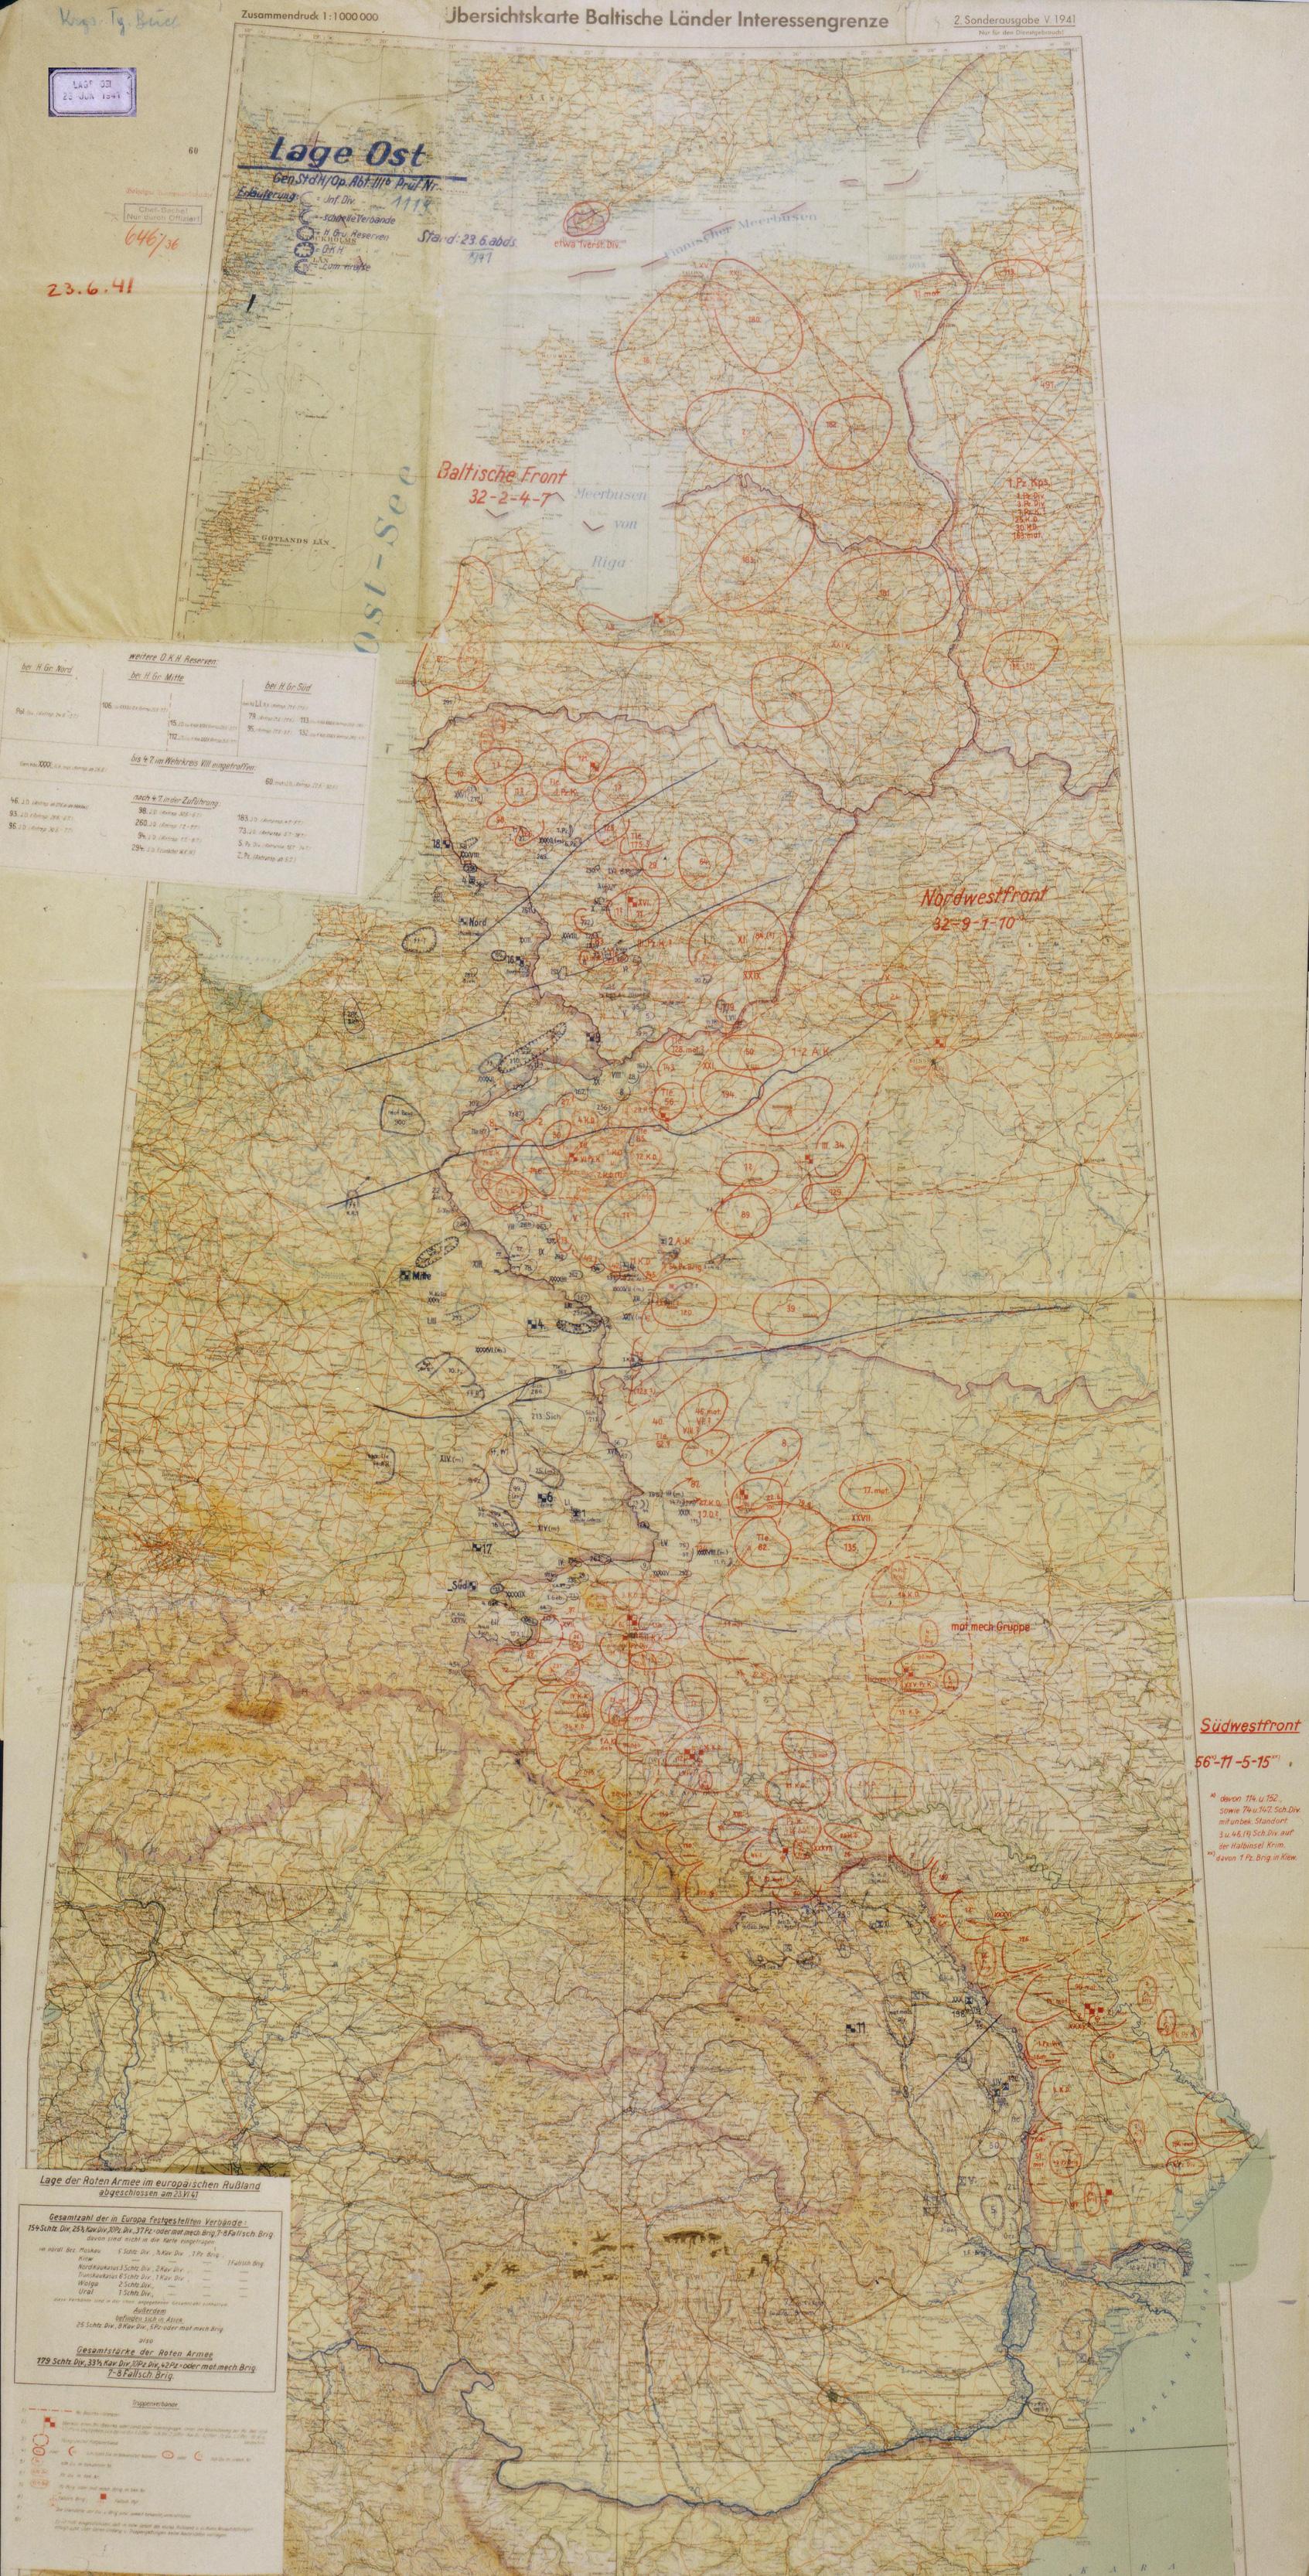 Карта немецкого генштаба 23 июня 1941 года.Положение на фронте